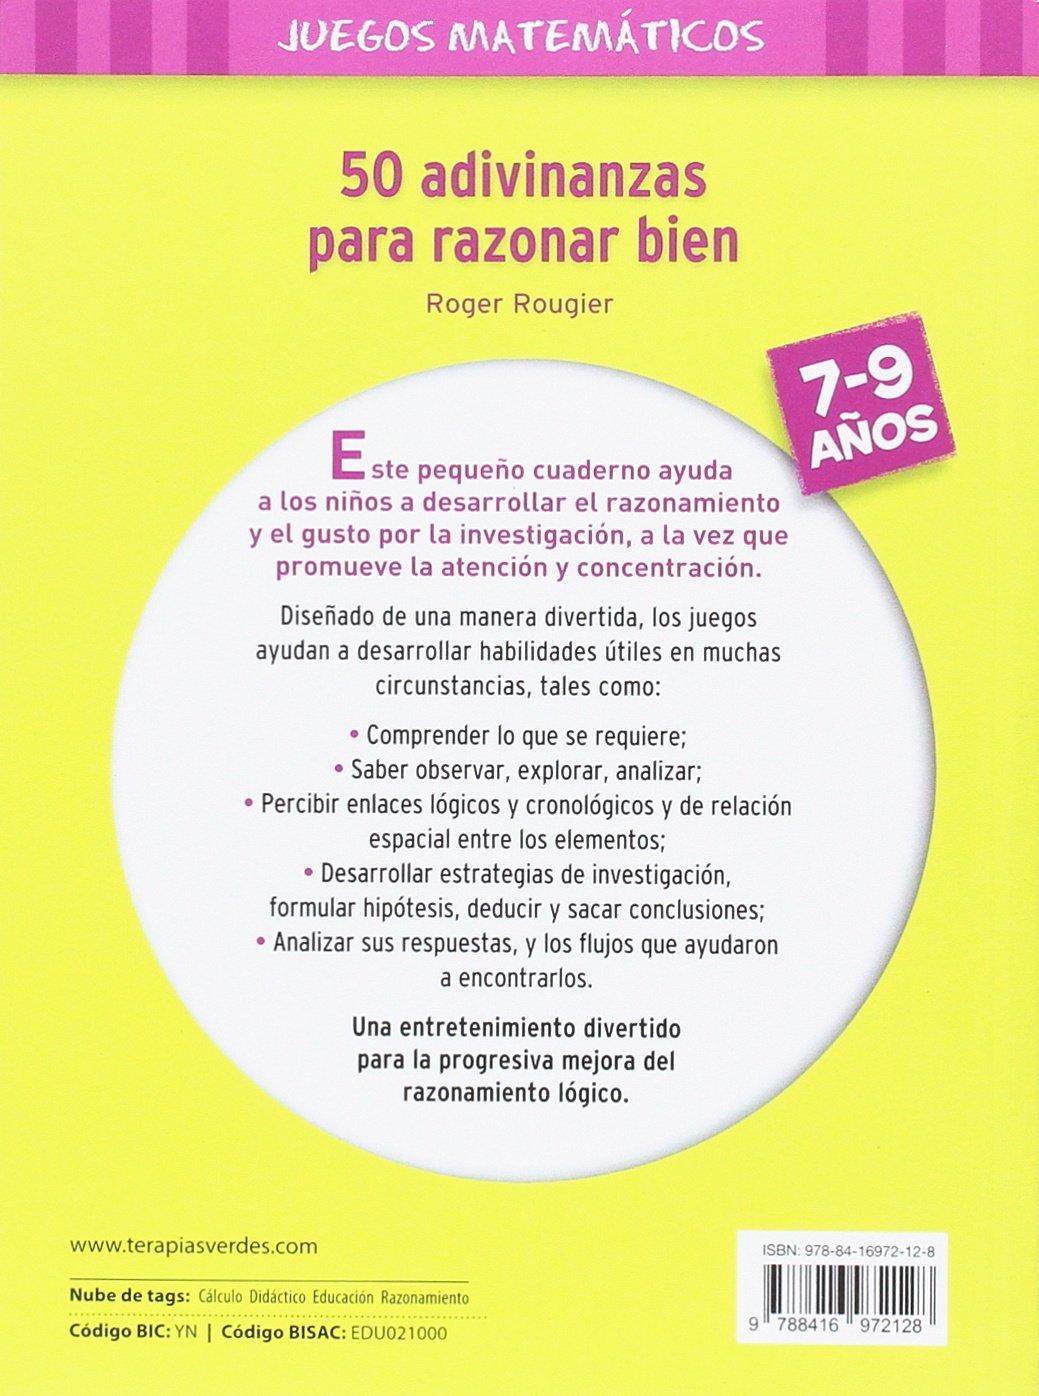 50 Adivinanzas Para Razonar Bien Terapias Juegos Didácticos: Amazon.de:  Roger Rougier: Fremdsprachige Bücher